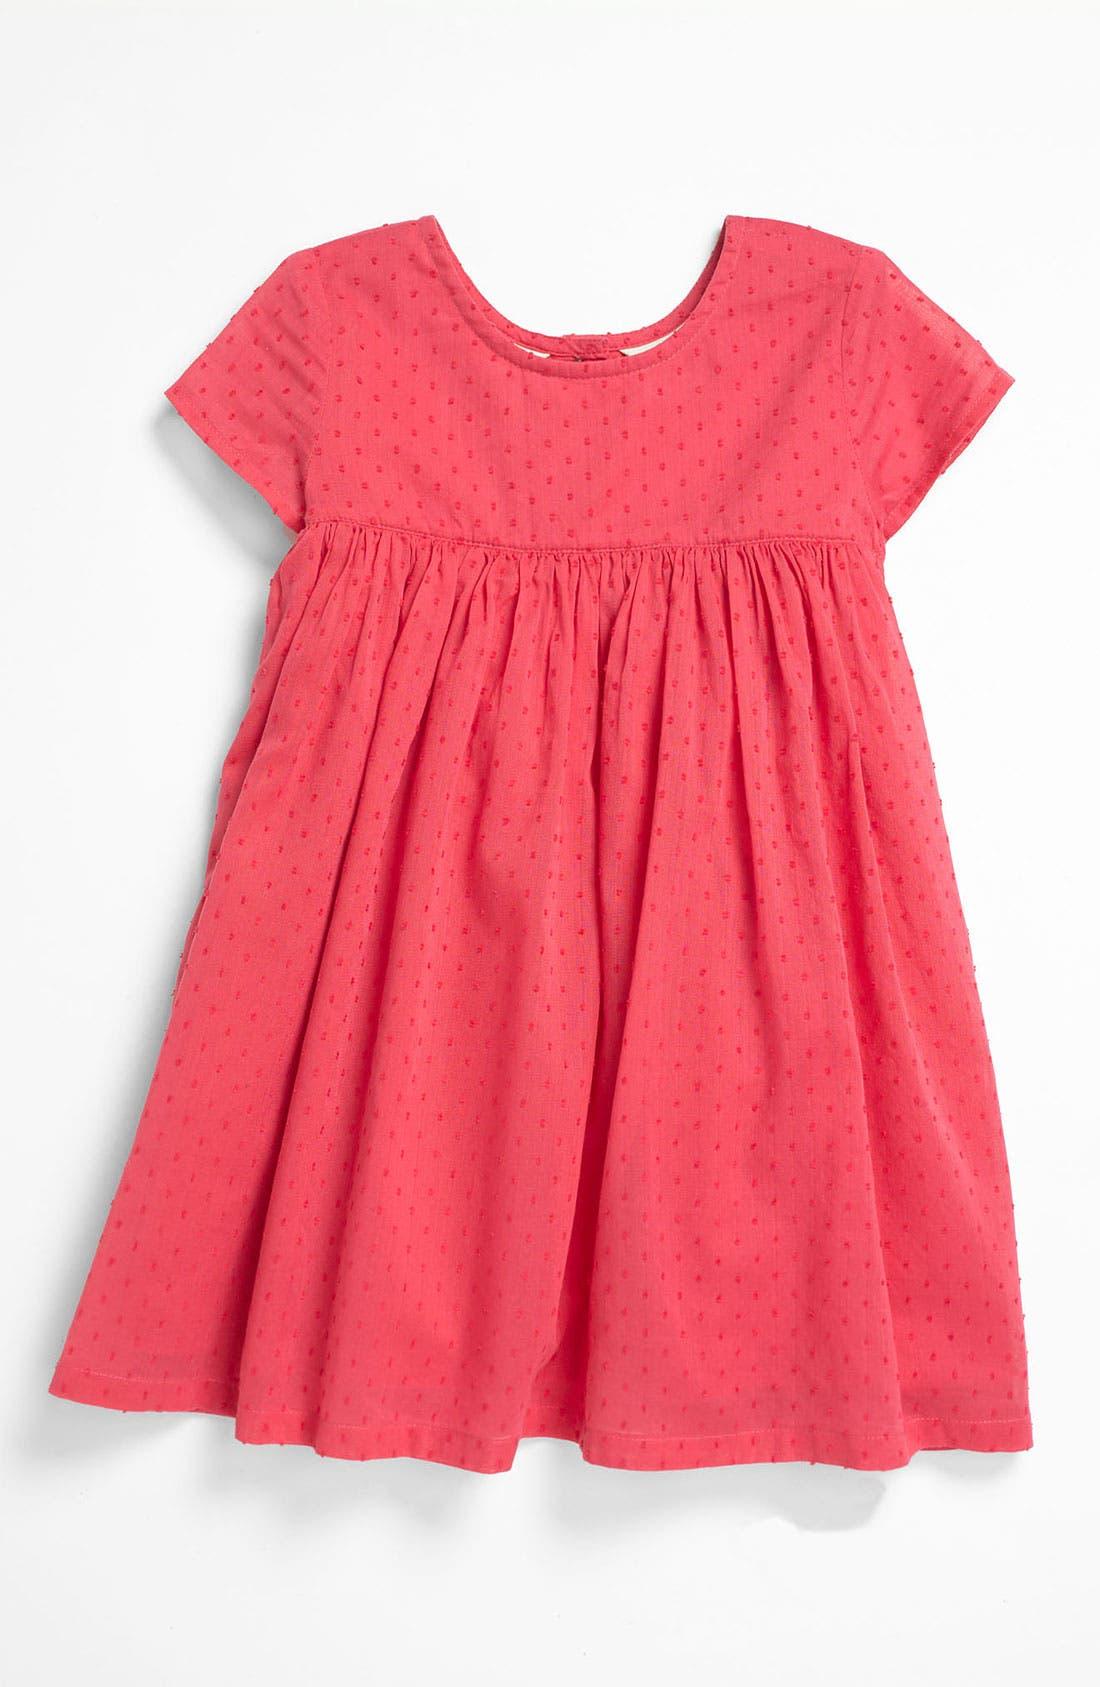 Main Image - Tucker + Tate 'Iris' Dress (Baby)